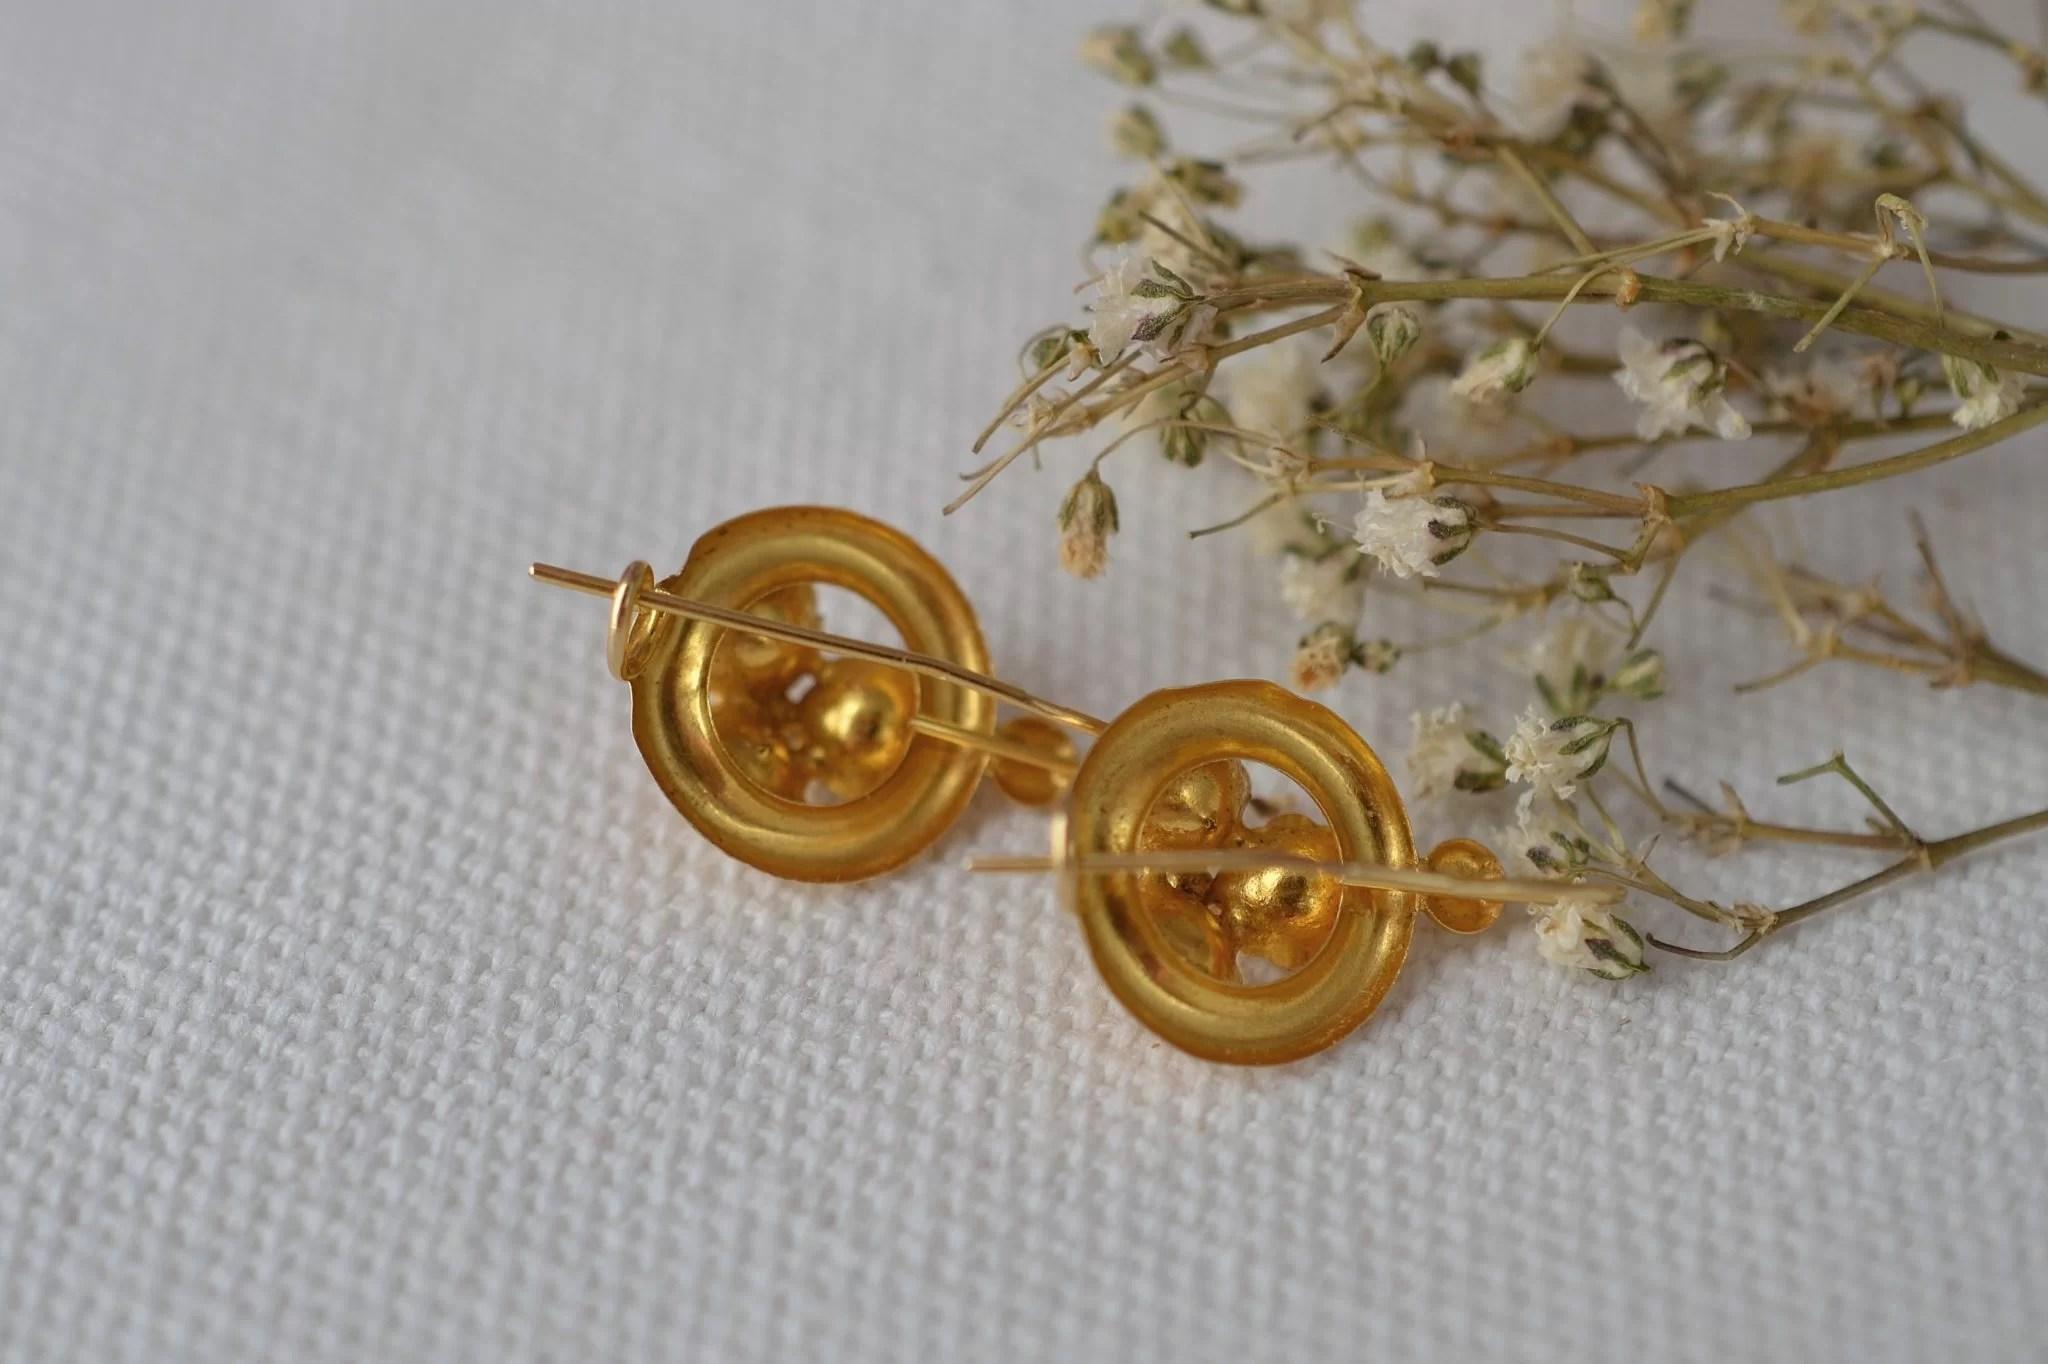 Paire de dormeuses ajourées en Or jaune, à décor d_orchidées - boucles d_oreilles anciennes